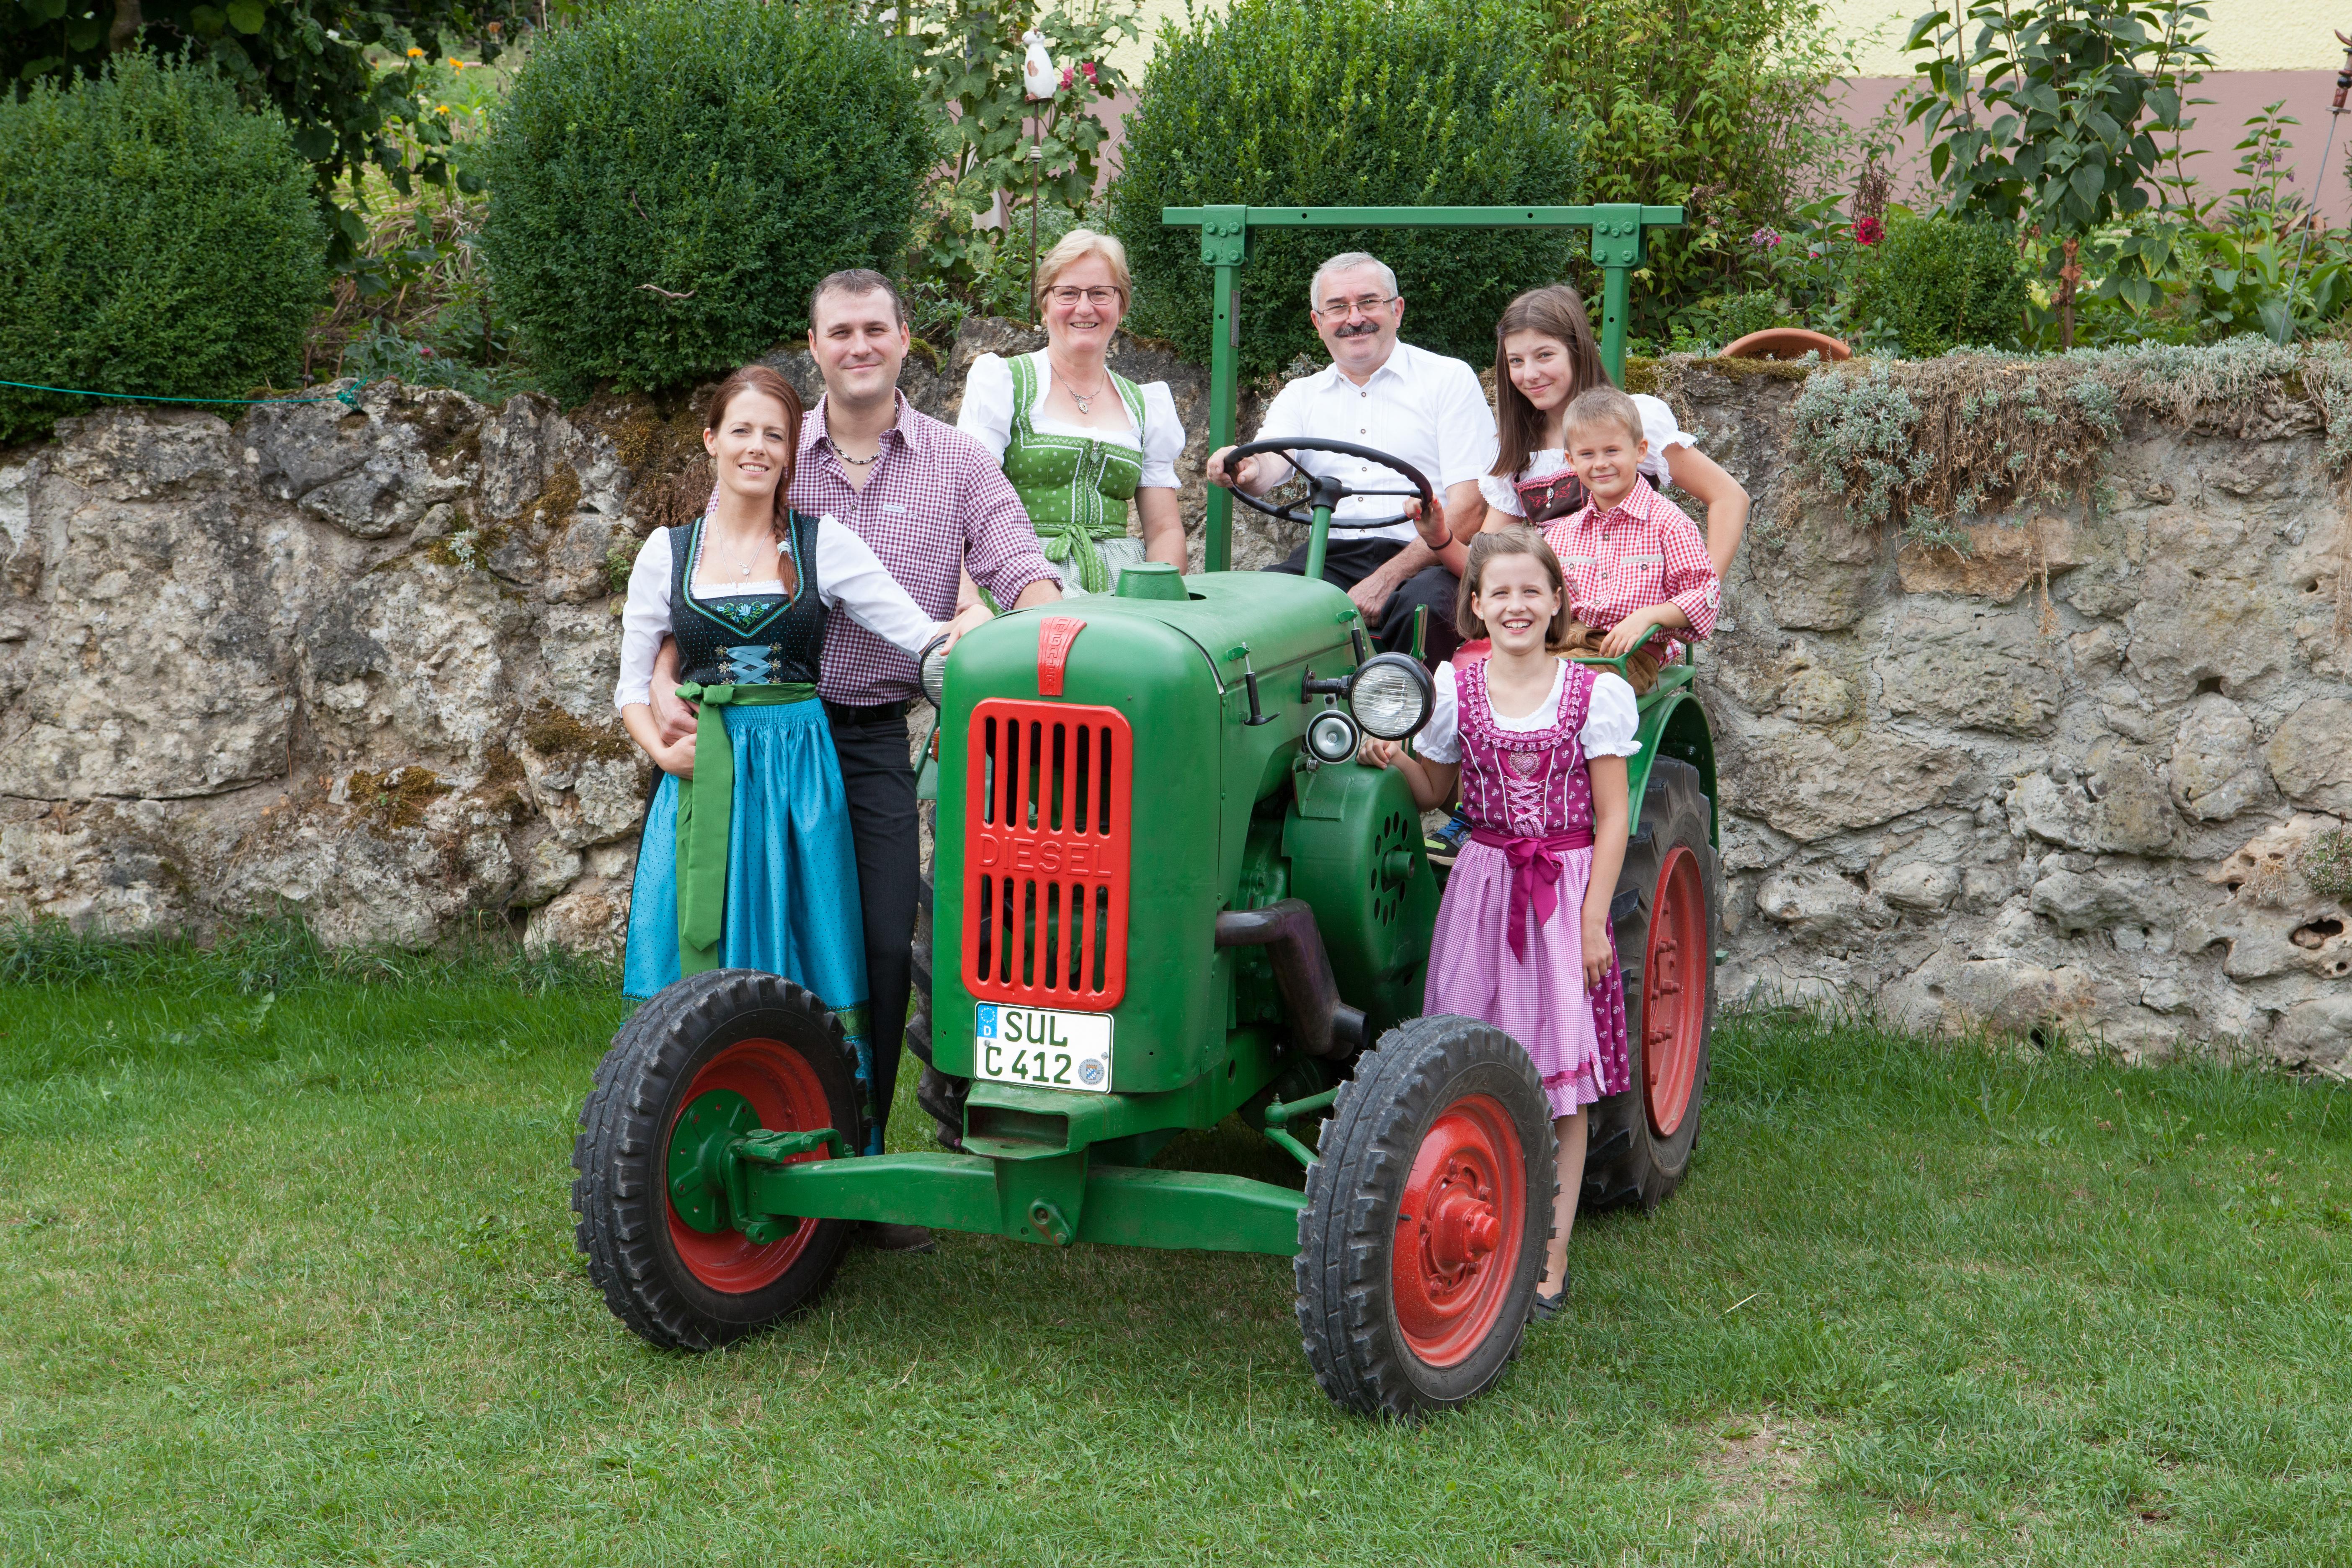 Wir, die Familie Wagner begrüßen Sie auf unserem Resnhof